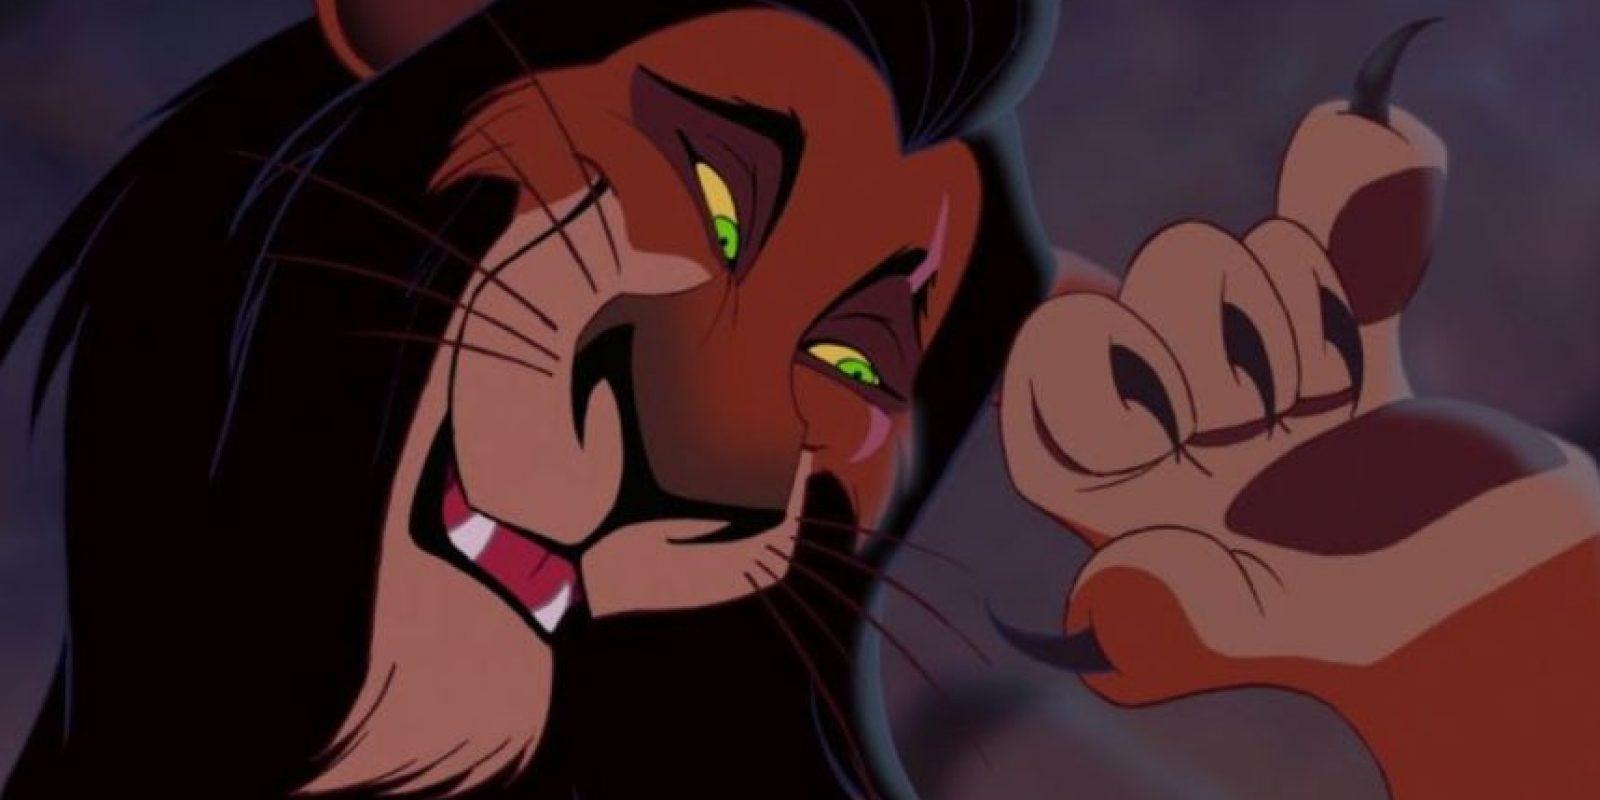 """Scar, por su elegancia, también era considerado """"gay"""" Foto:Disney"""